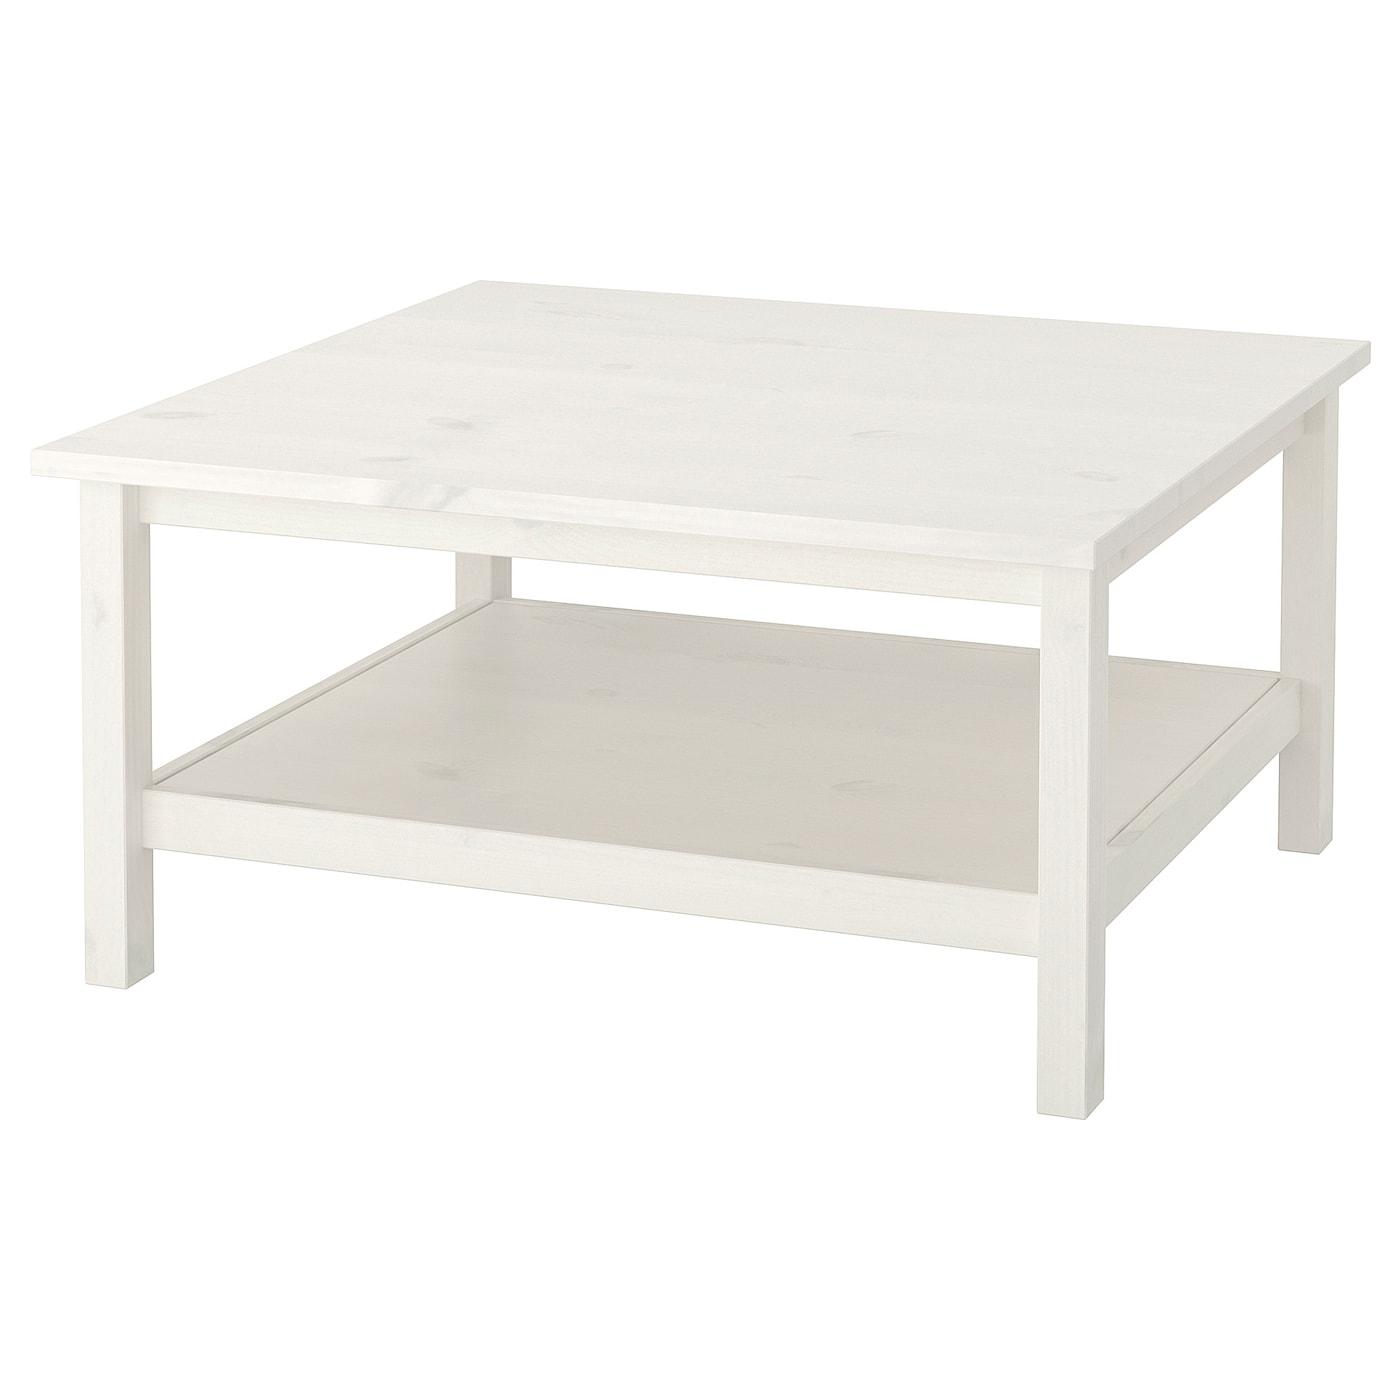 - HEMNES White White Stain, Coffee Table, 90x90 Cm - IKEA